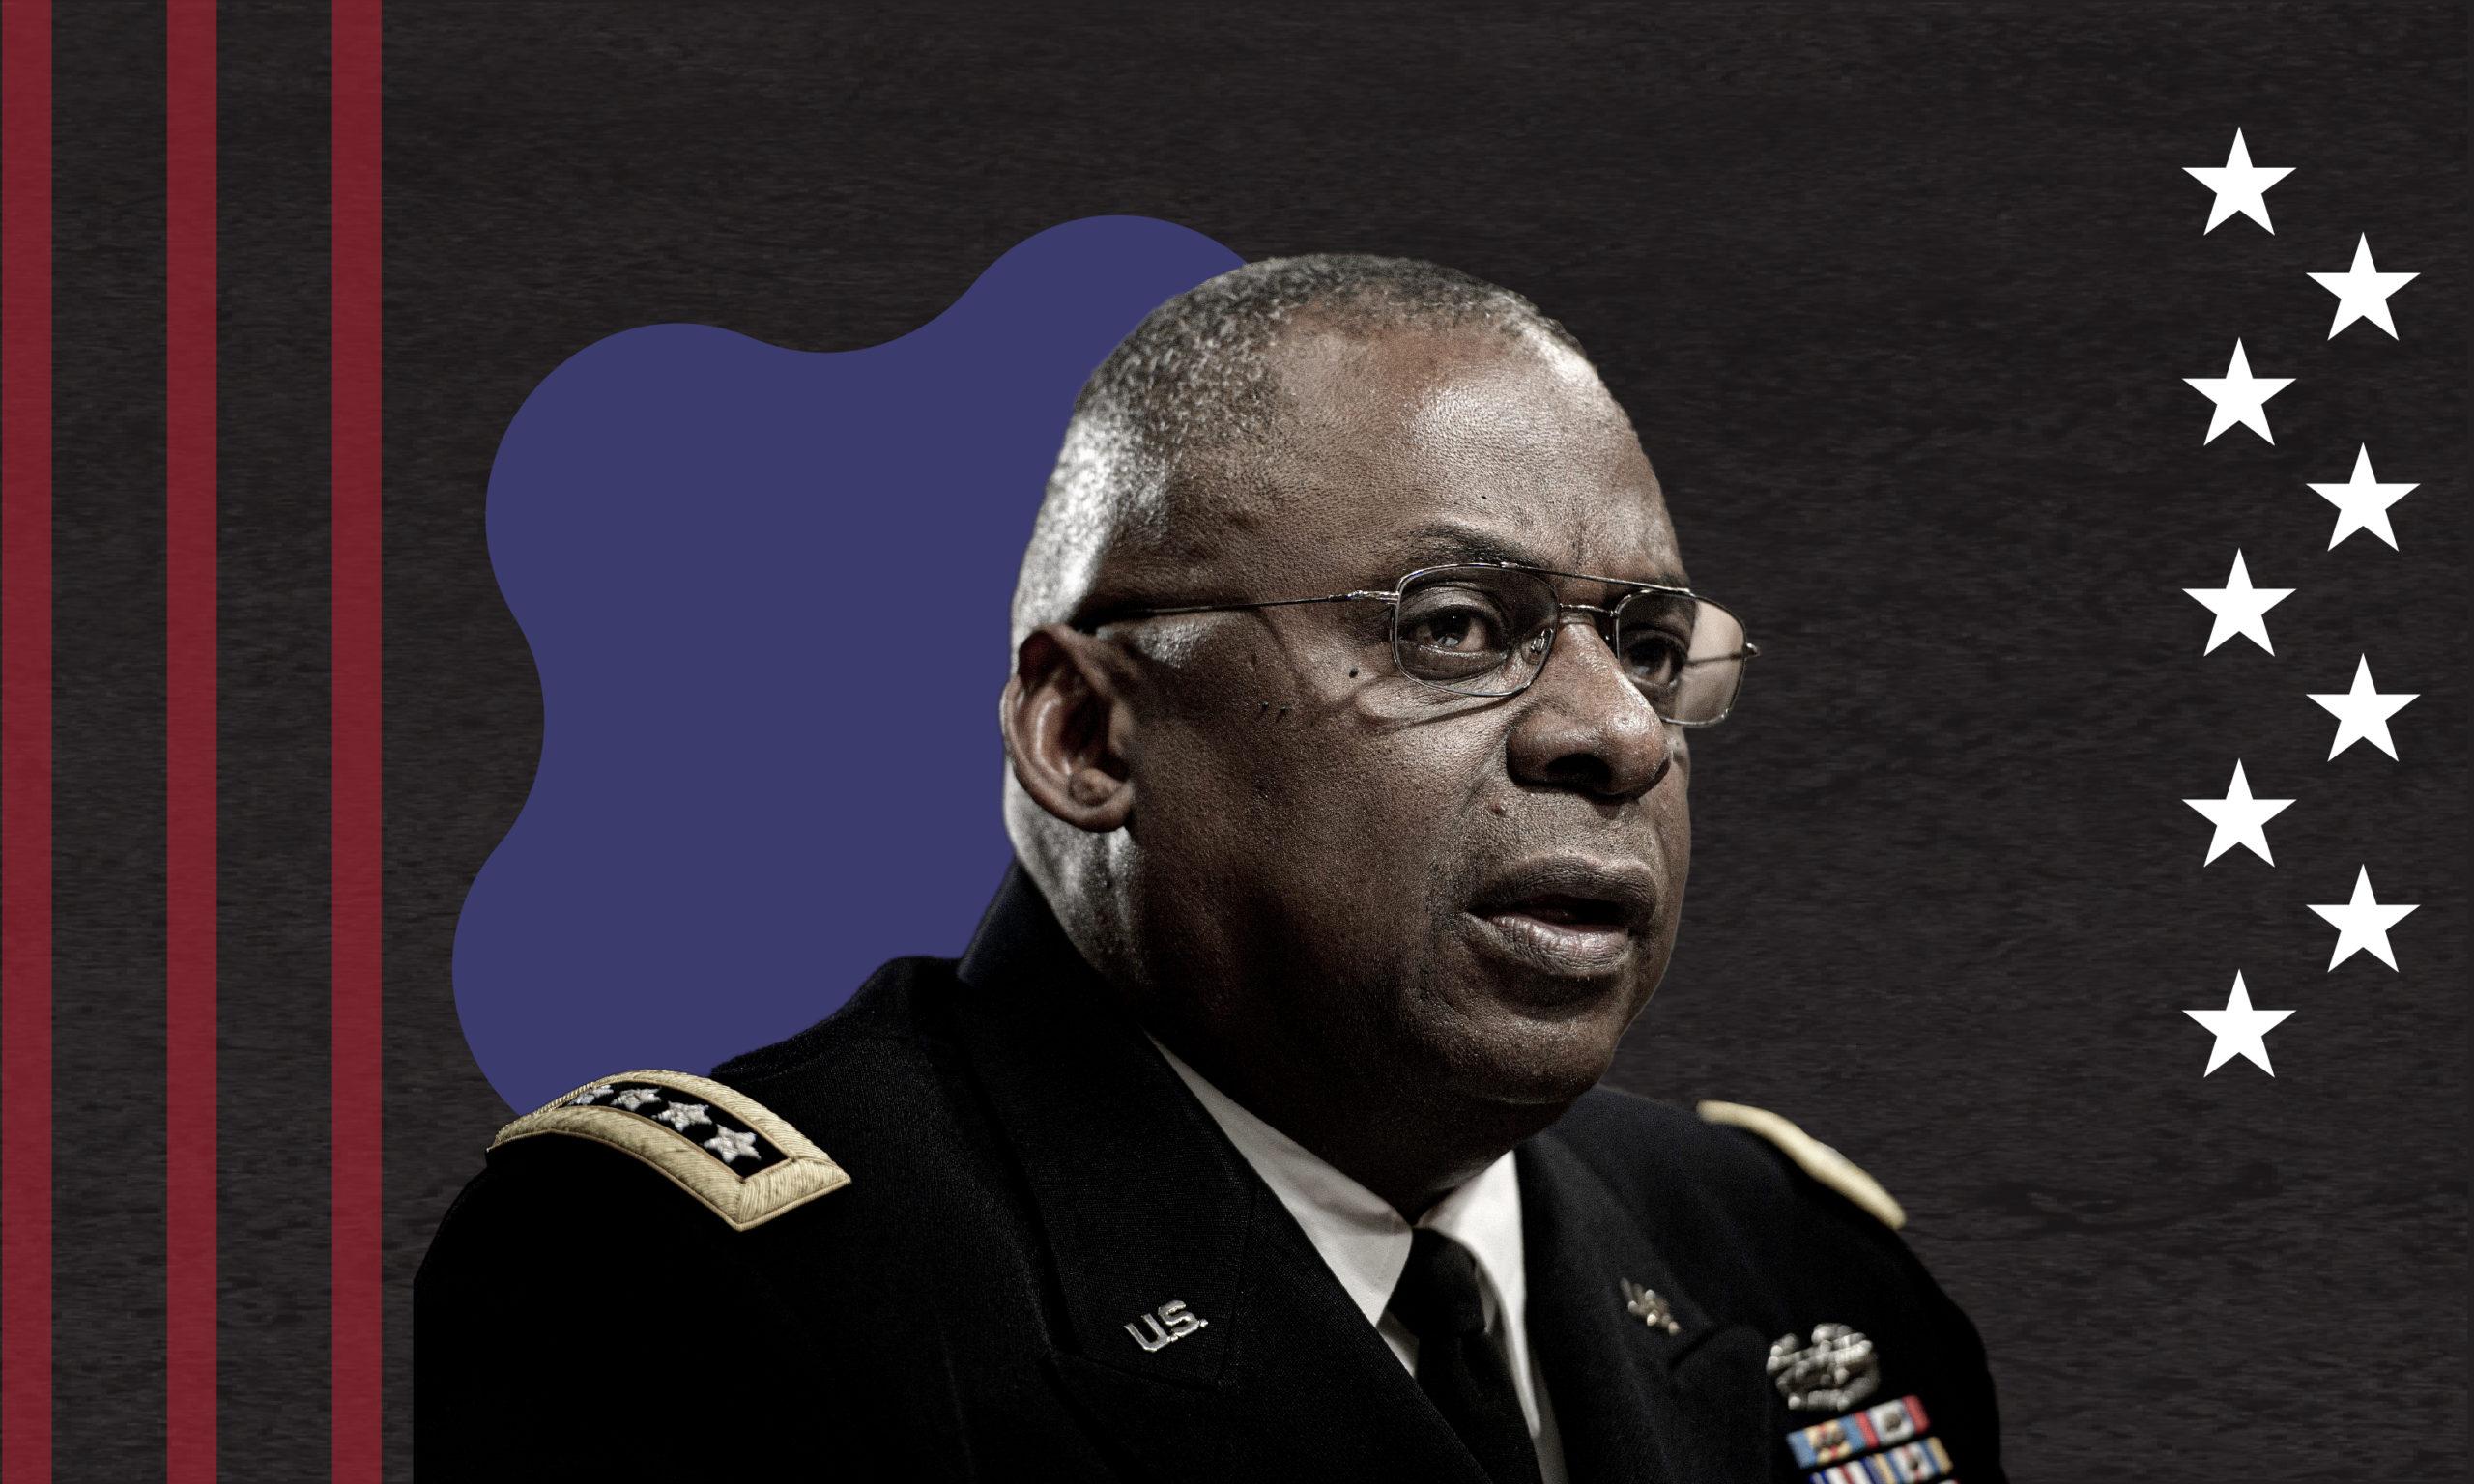 لويد أوستن وزير الدفاع الأمريكي الجديد المعين من الرئيس الامريكي الجديد جو بايدن (عنب بلدي)